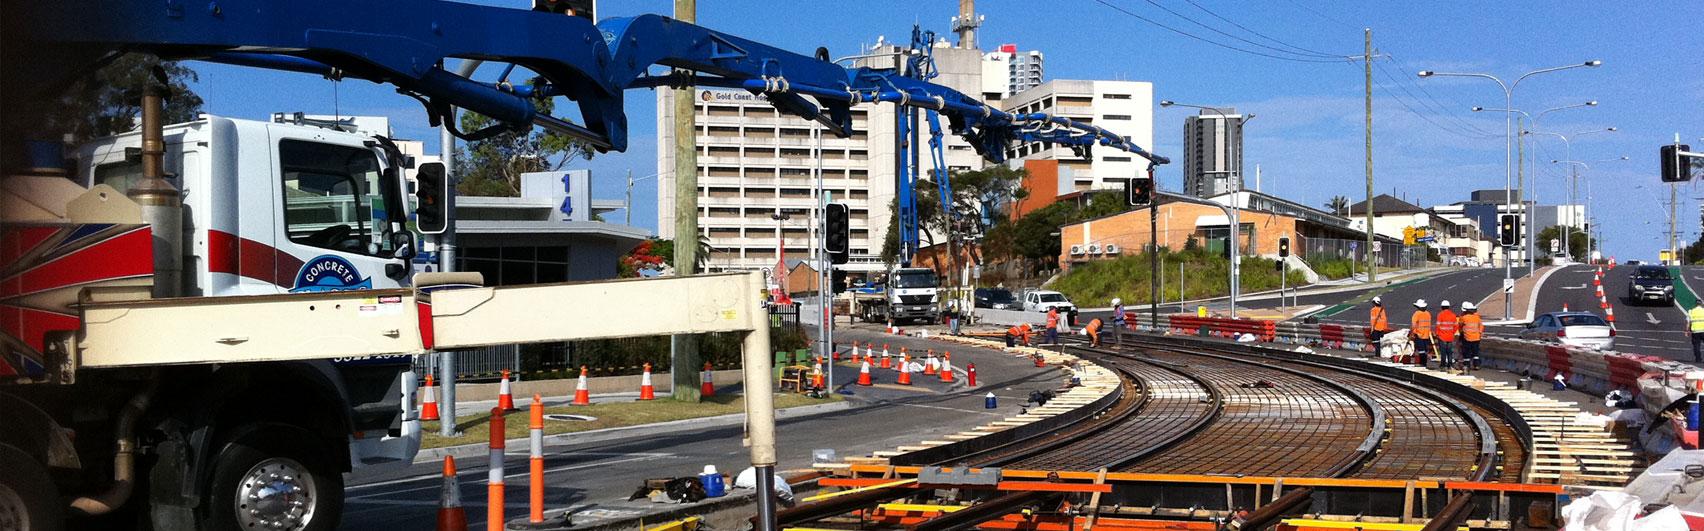 Concrete Pump Truck | Concrete Services | Gold Coast | Classic Concrete Pumping | New Slide 2